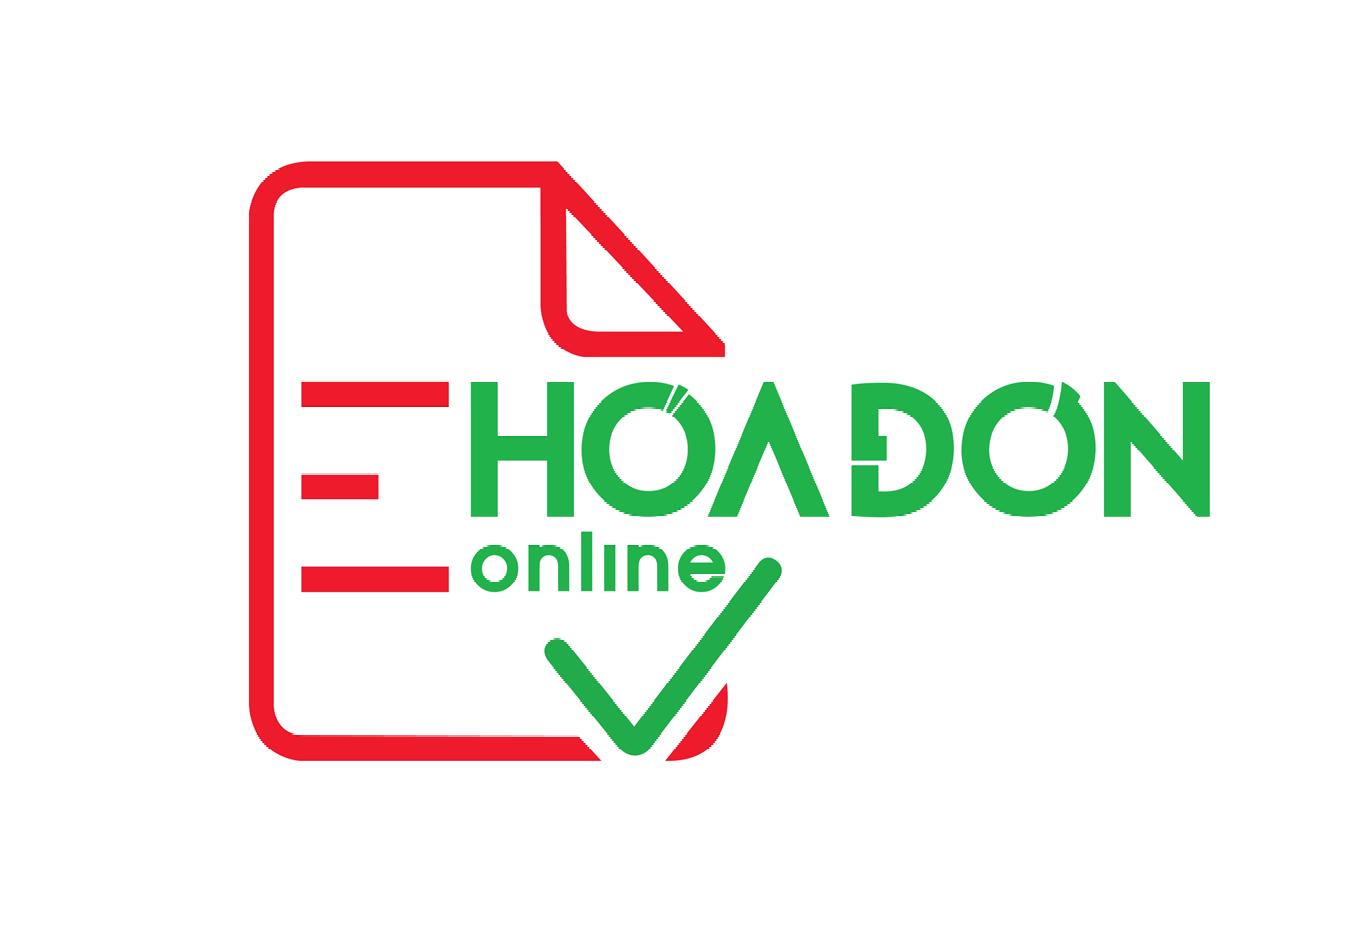 Chính sách hỗ trợ từ eHoaDon Online dành cho các doanh nghiệp là thành viên của HUBA triển khai giải pháp hóa đơn điện tử.